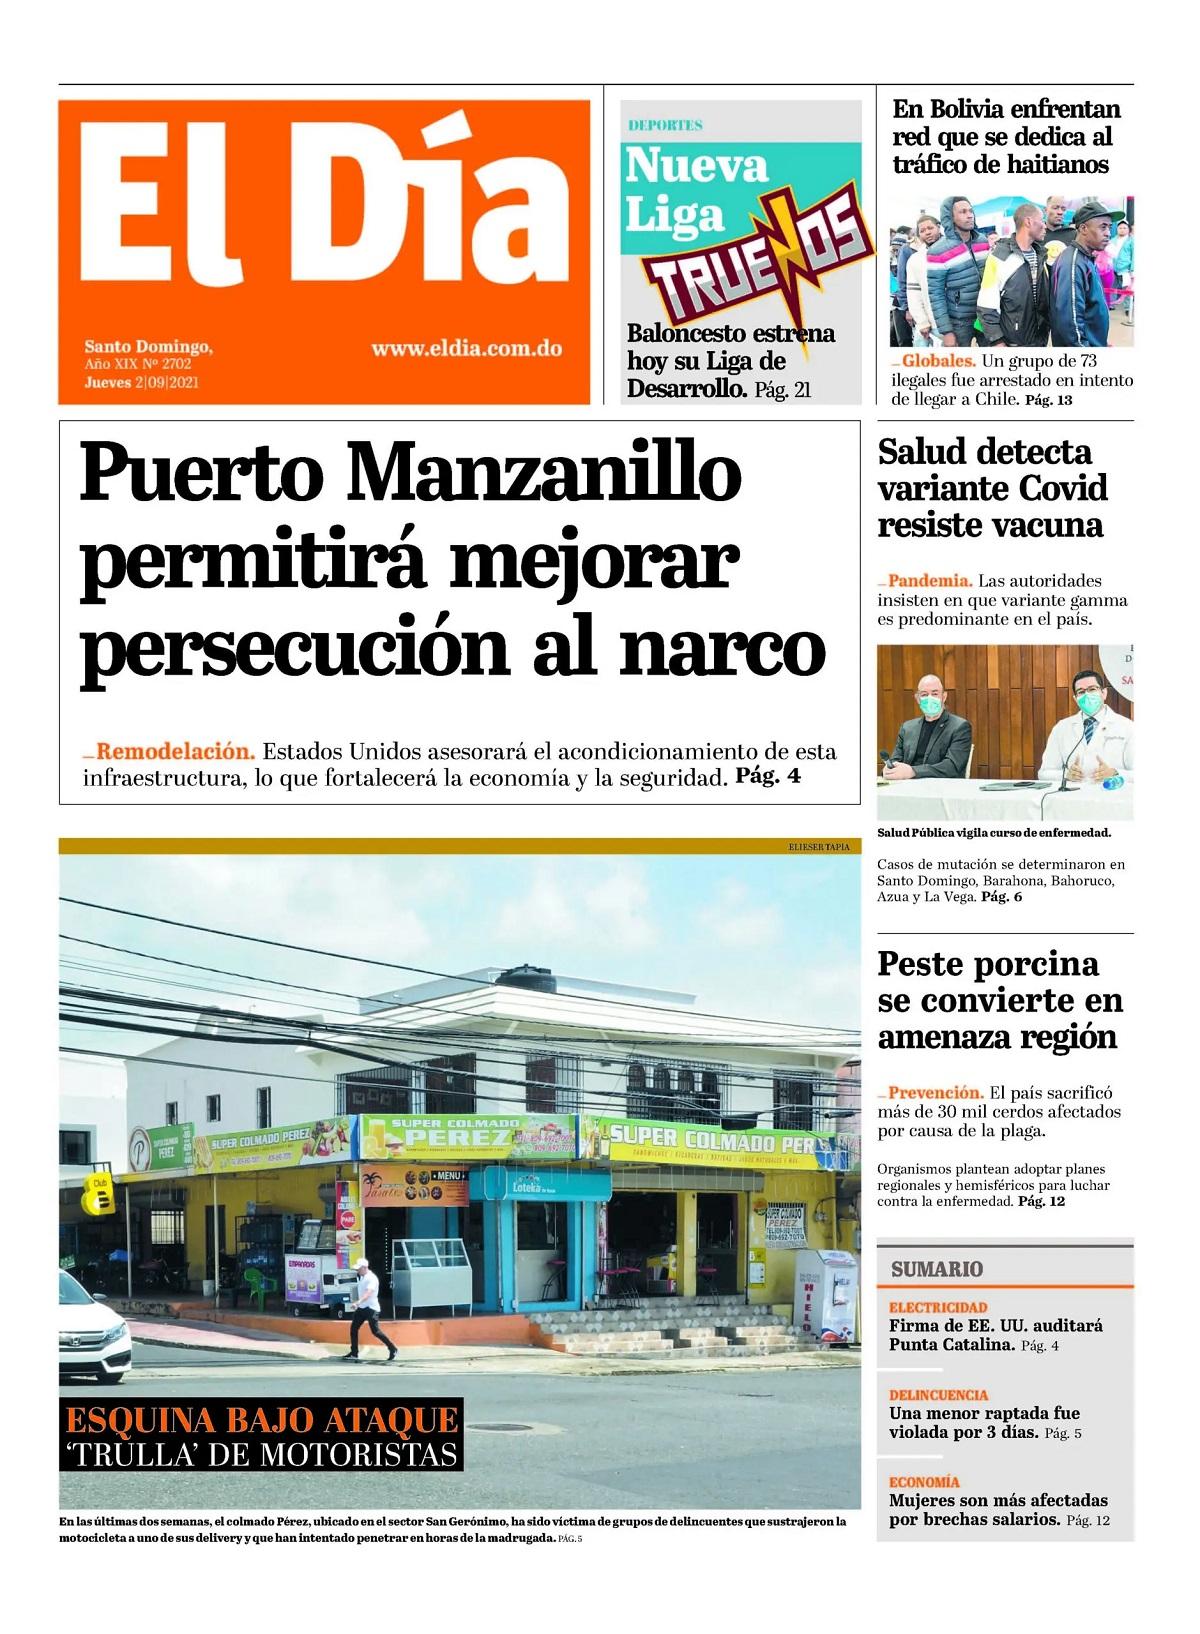 Portada Periódico El Día, Jueves 02 Septiembre, 2021Portada Periódico El Día, Jueves 02 Septiembre, 2021